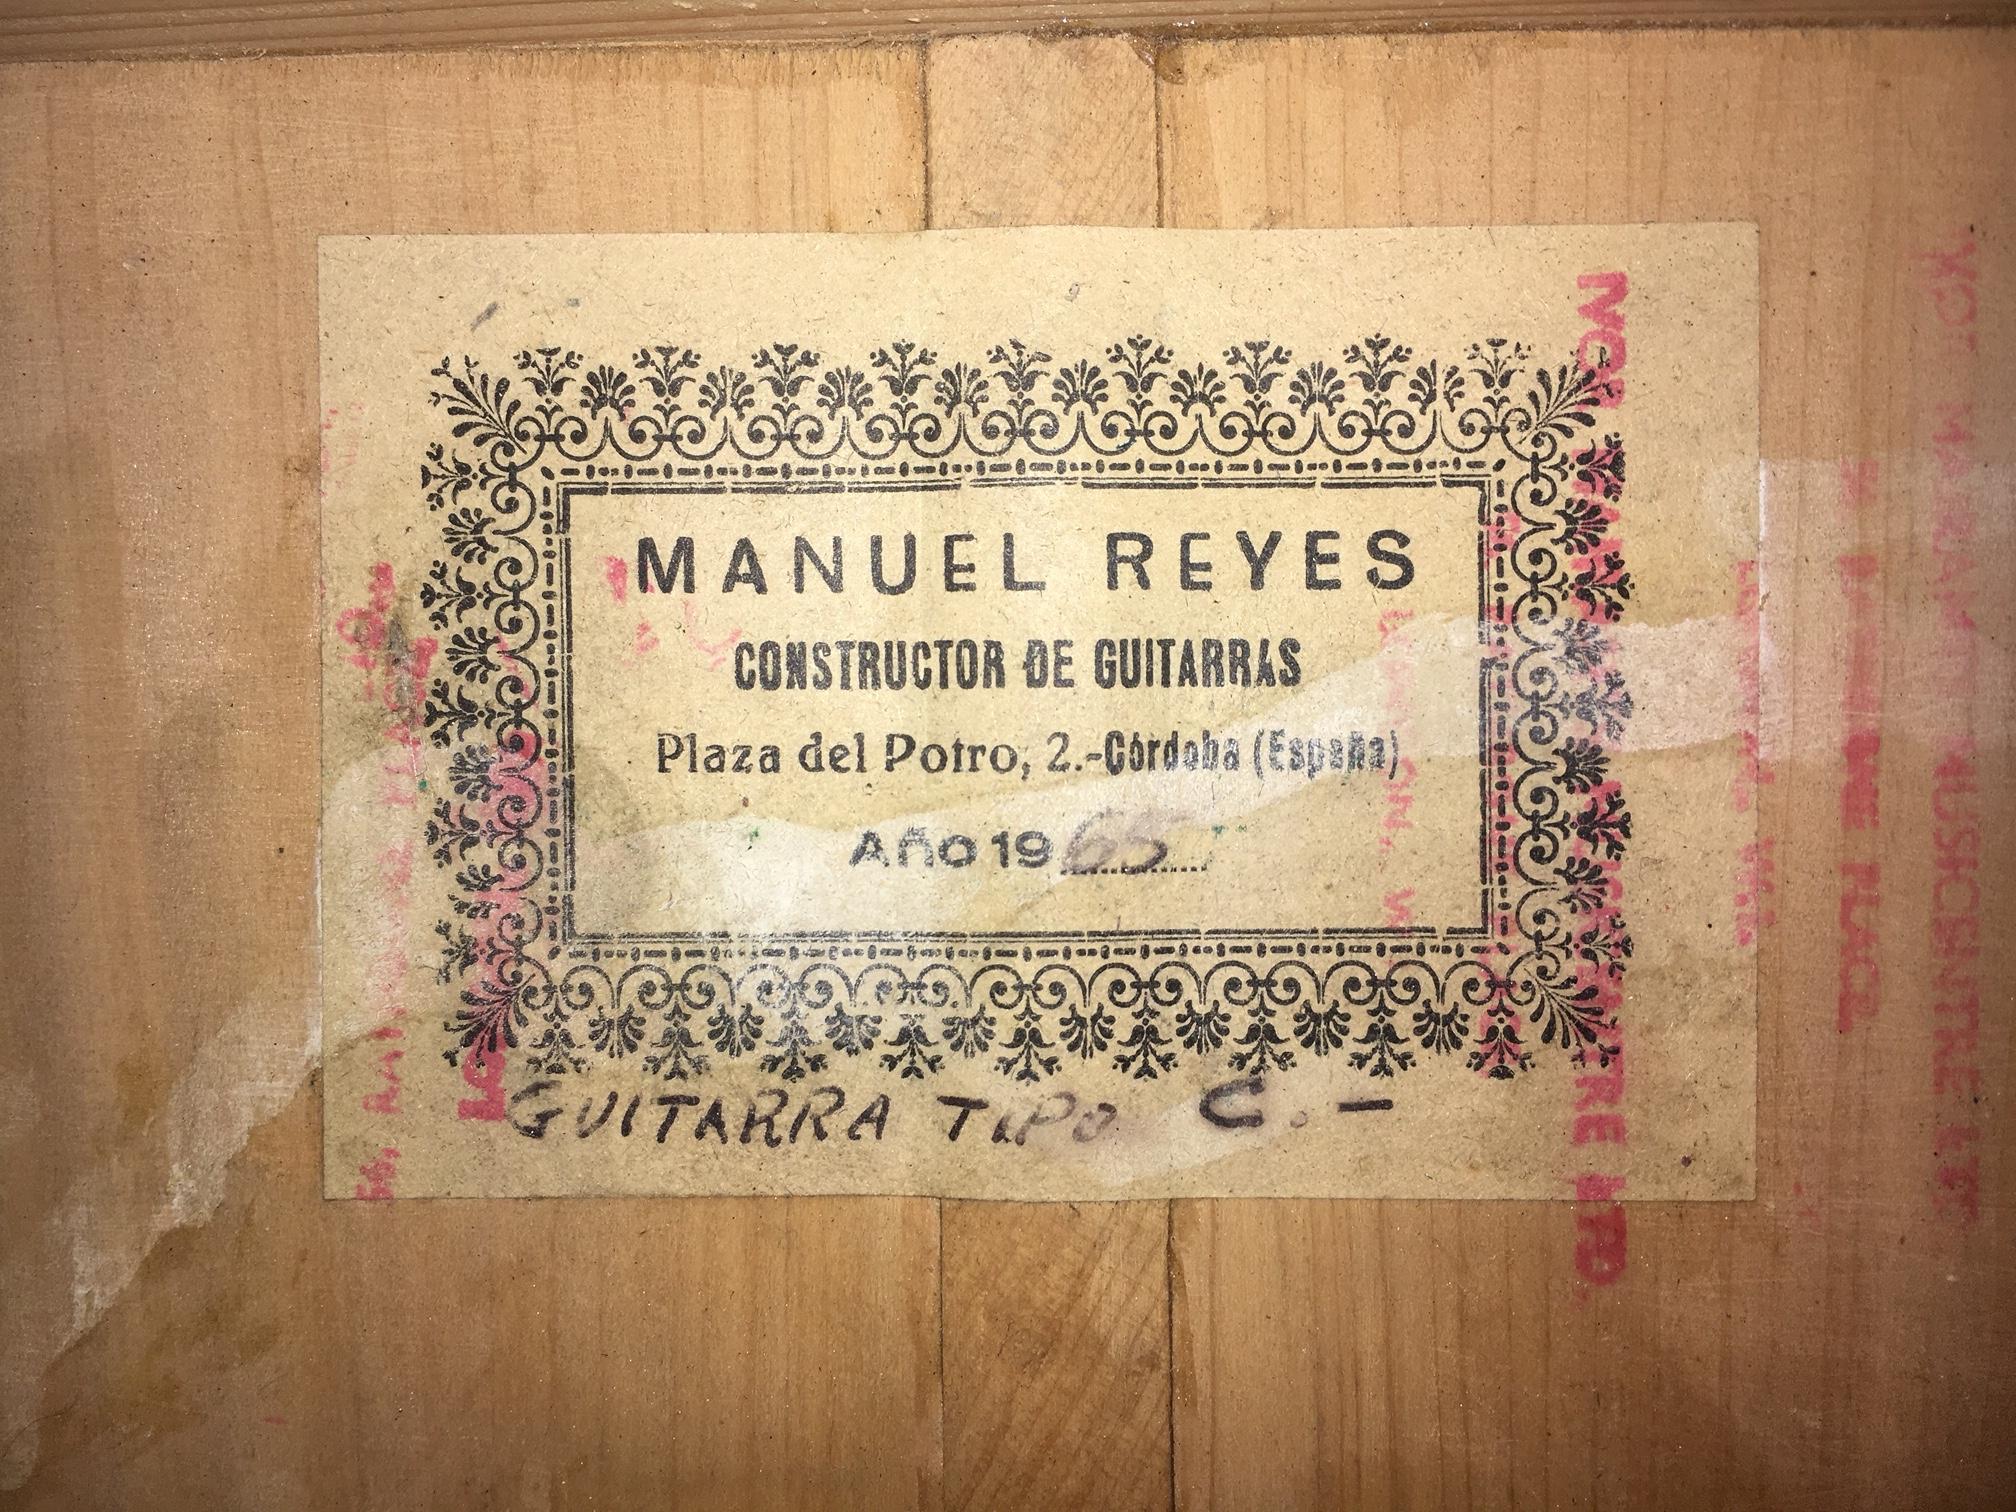 Manuel Reyes 1965